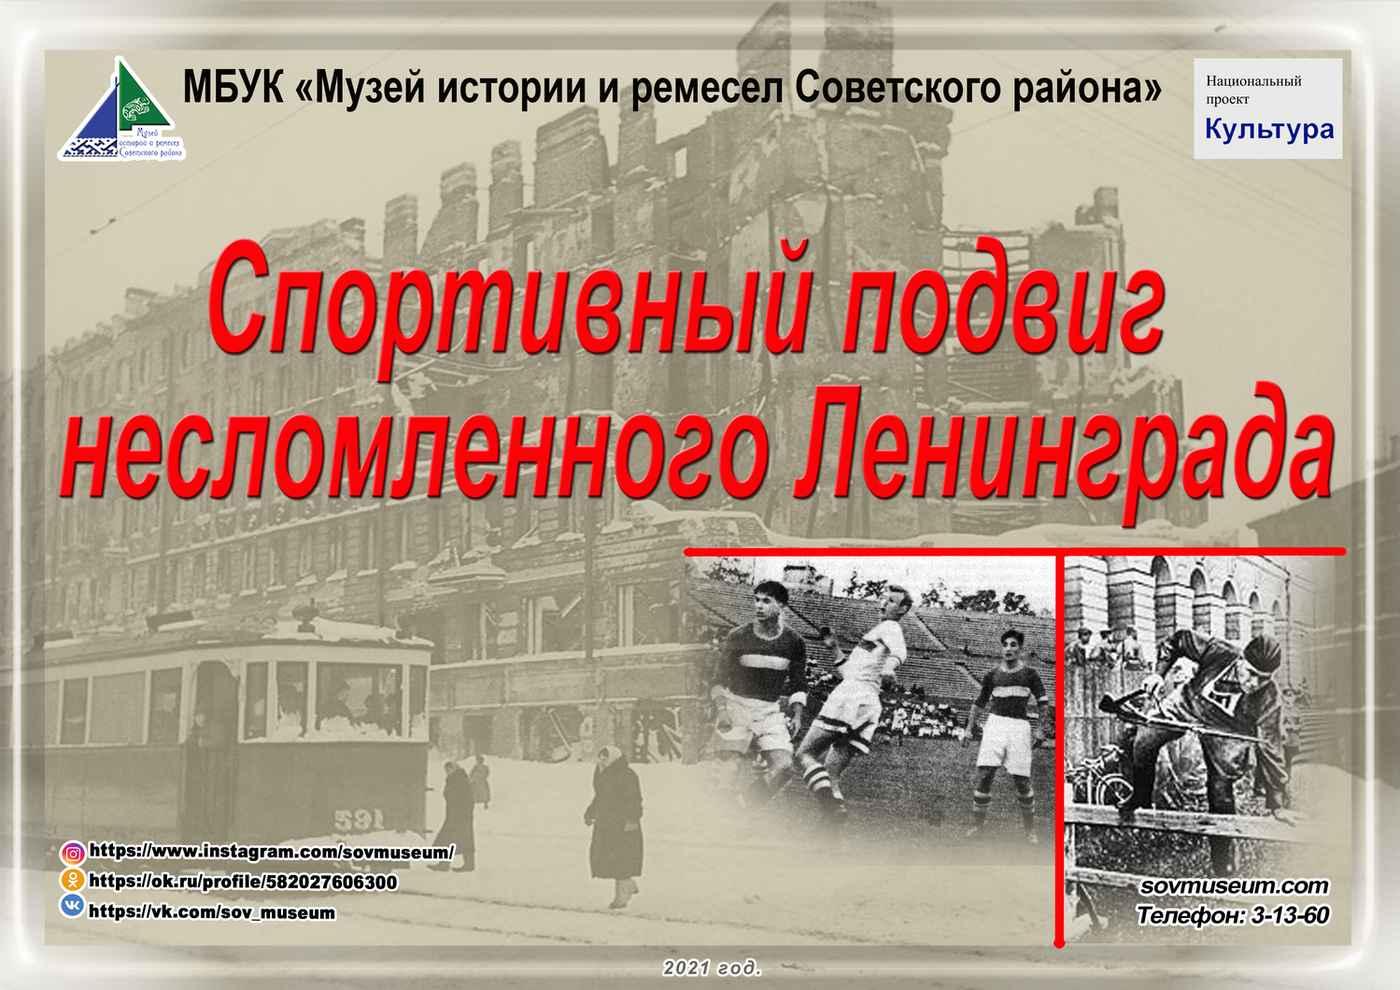 « Спортивный подвиг Блокадного Ленинграда»